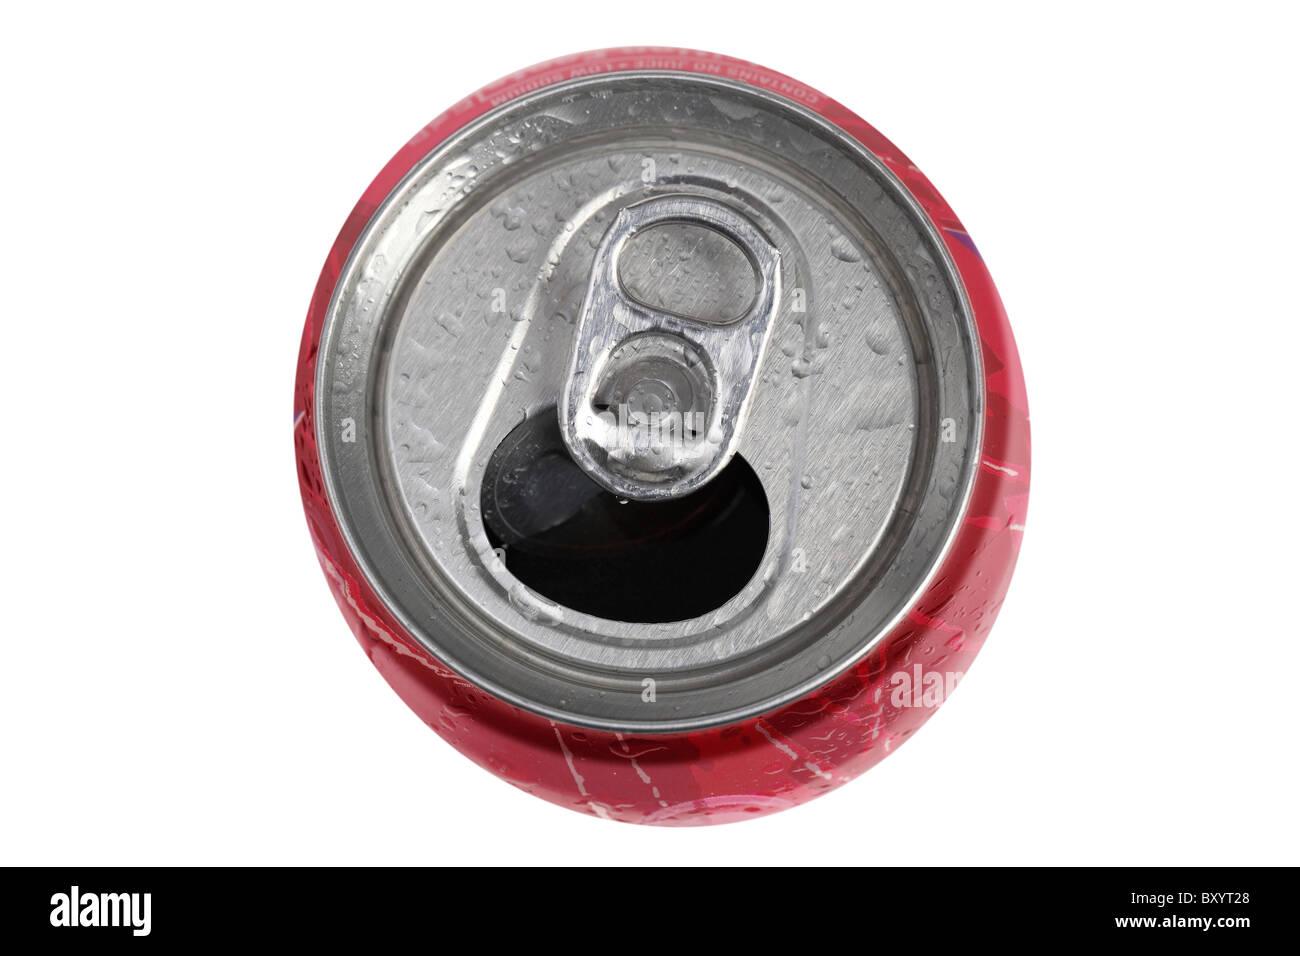 Getränkedose auf weißem Hintergrund Stockbild